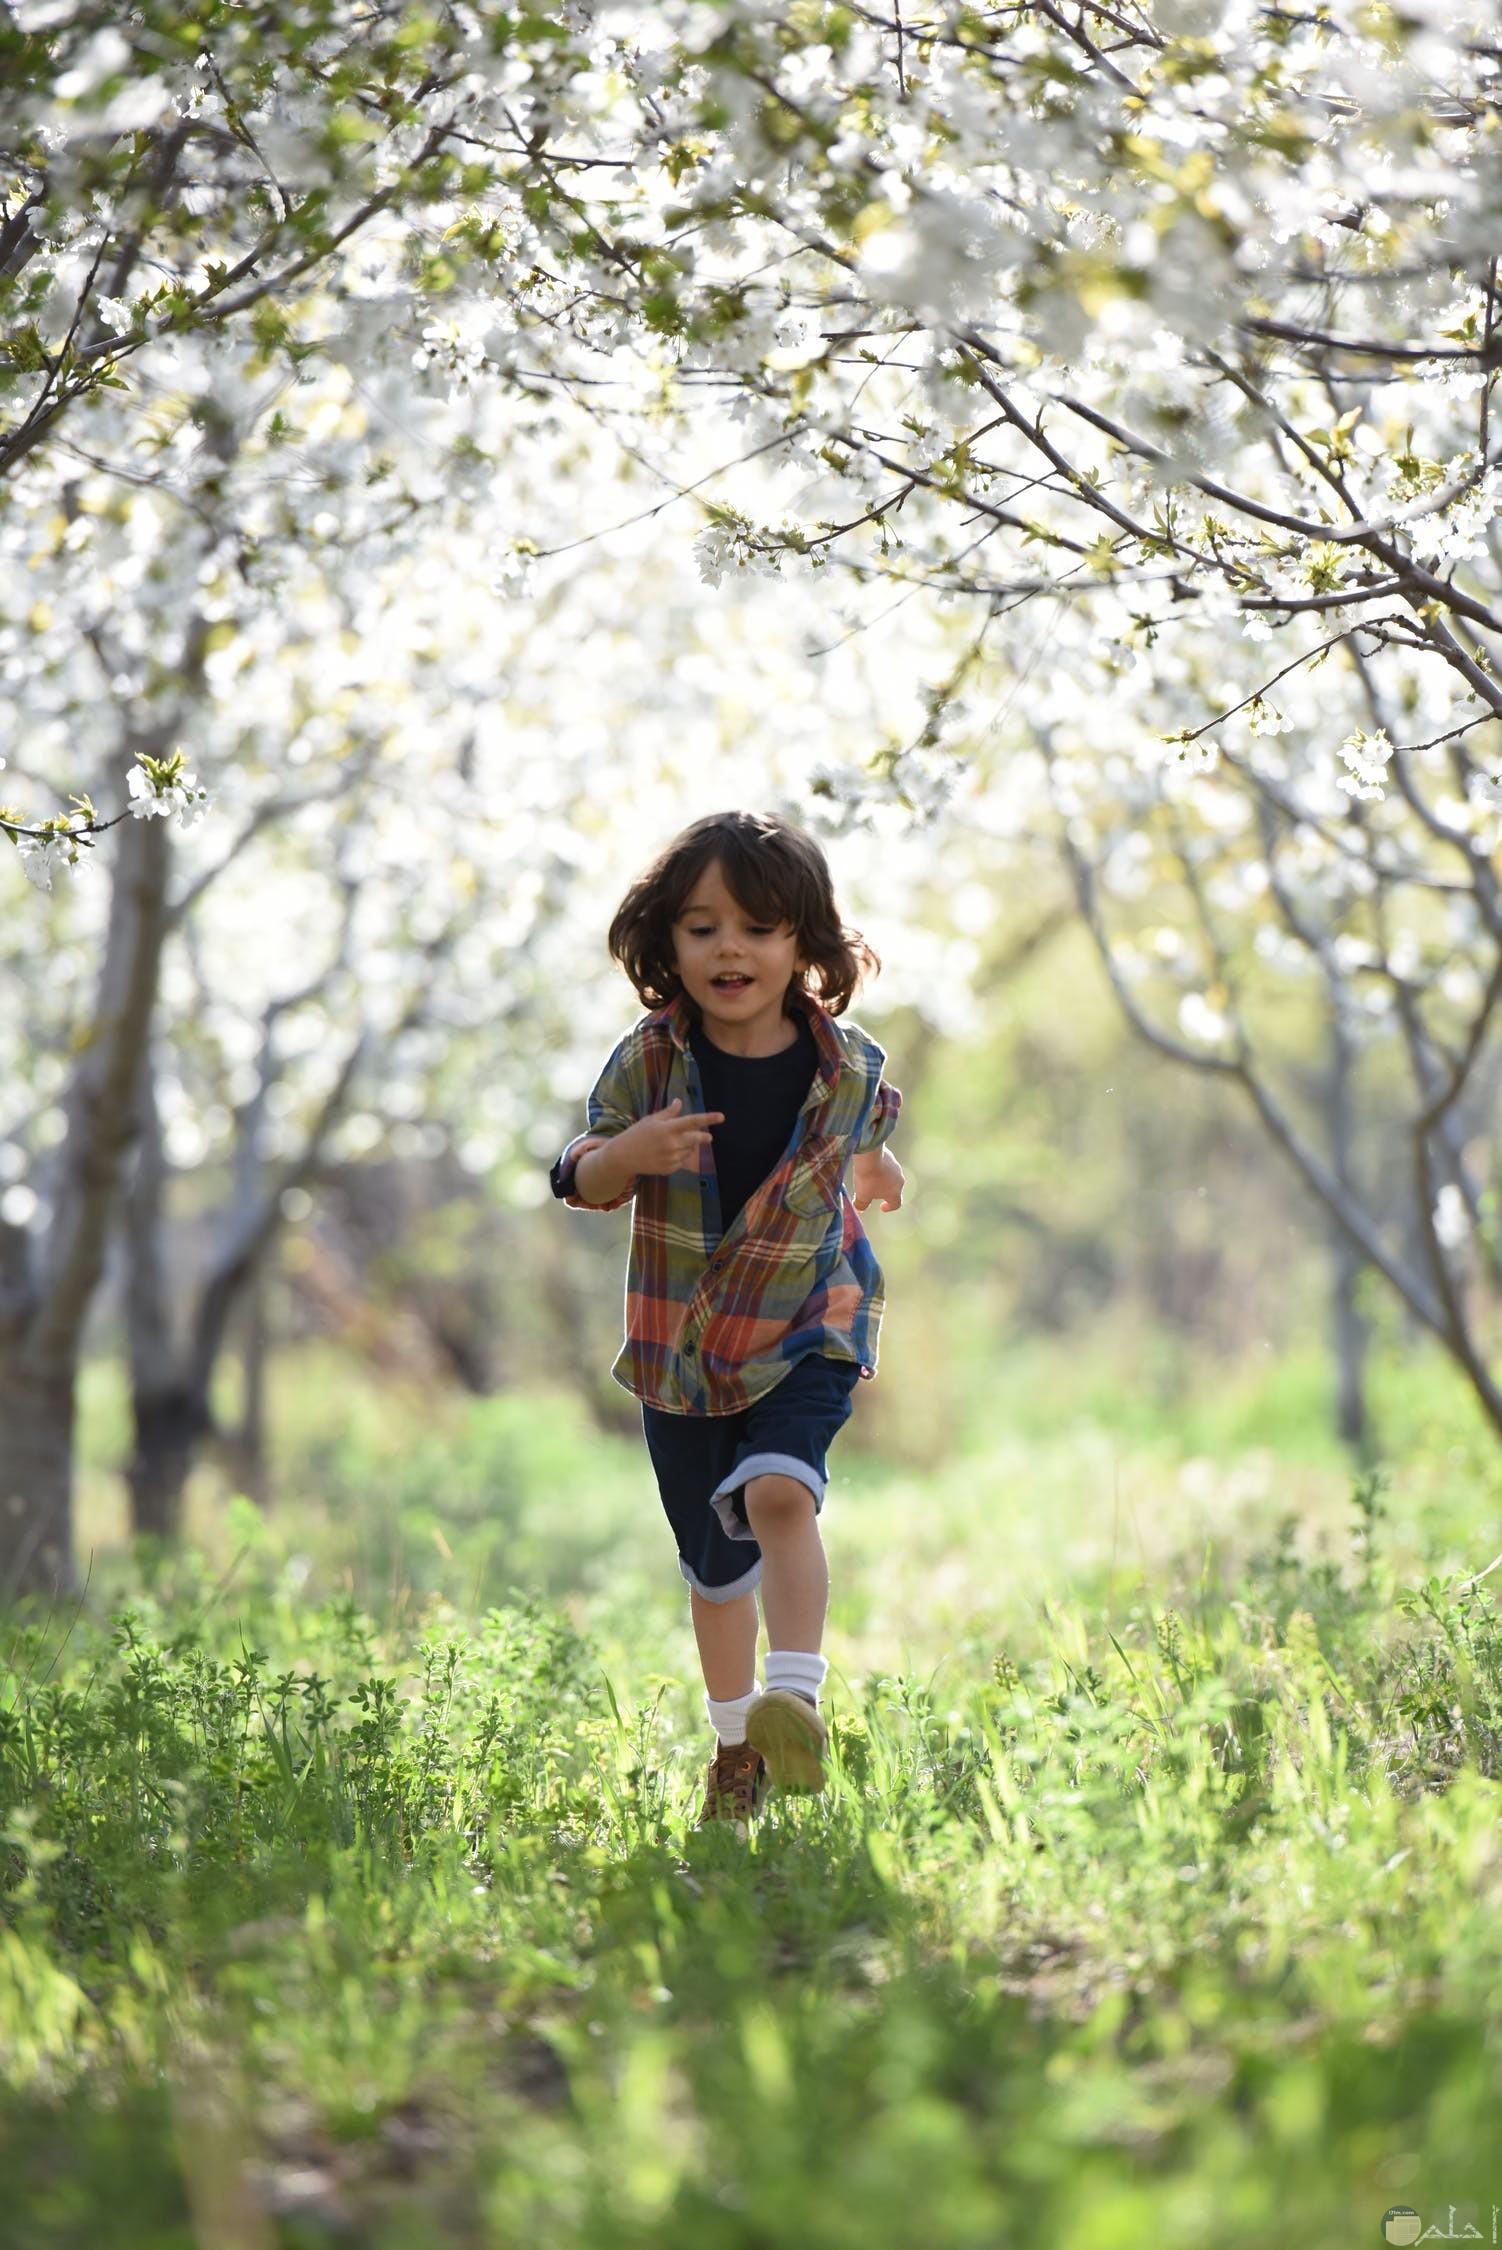 ولد جميل وشقي يجري ويلعب في الطبيعة